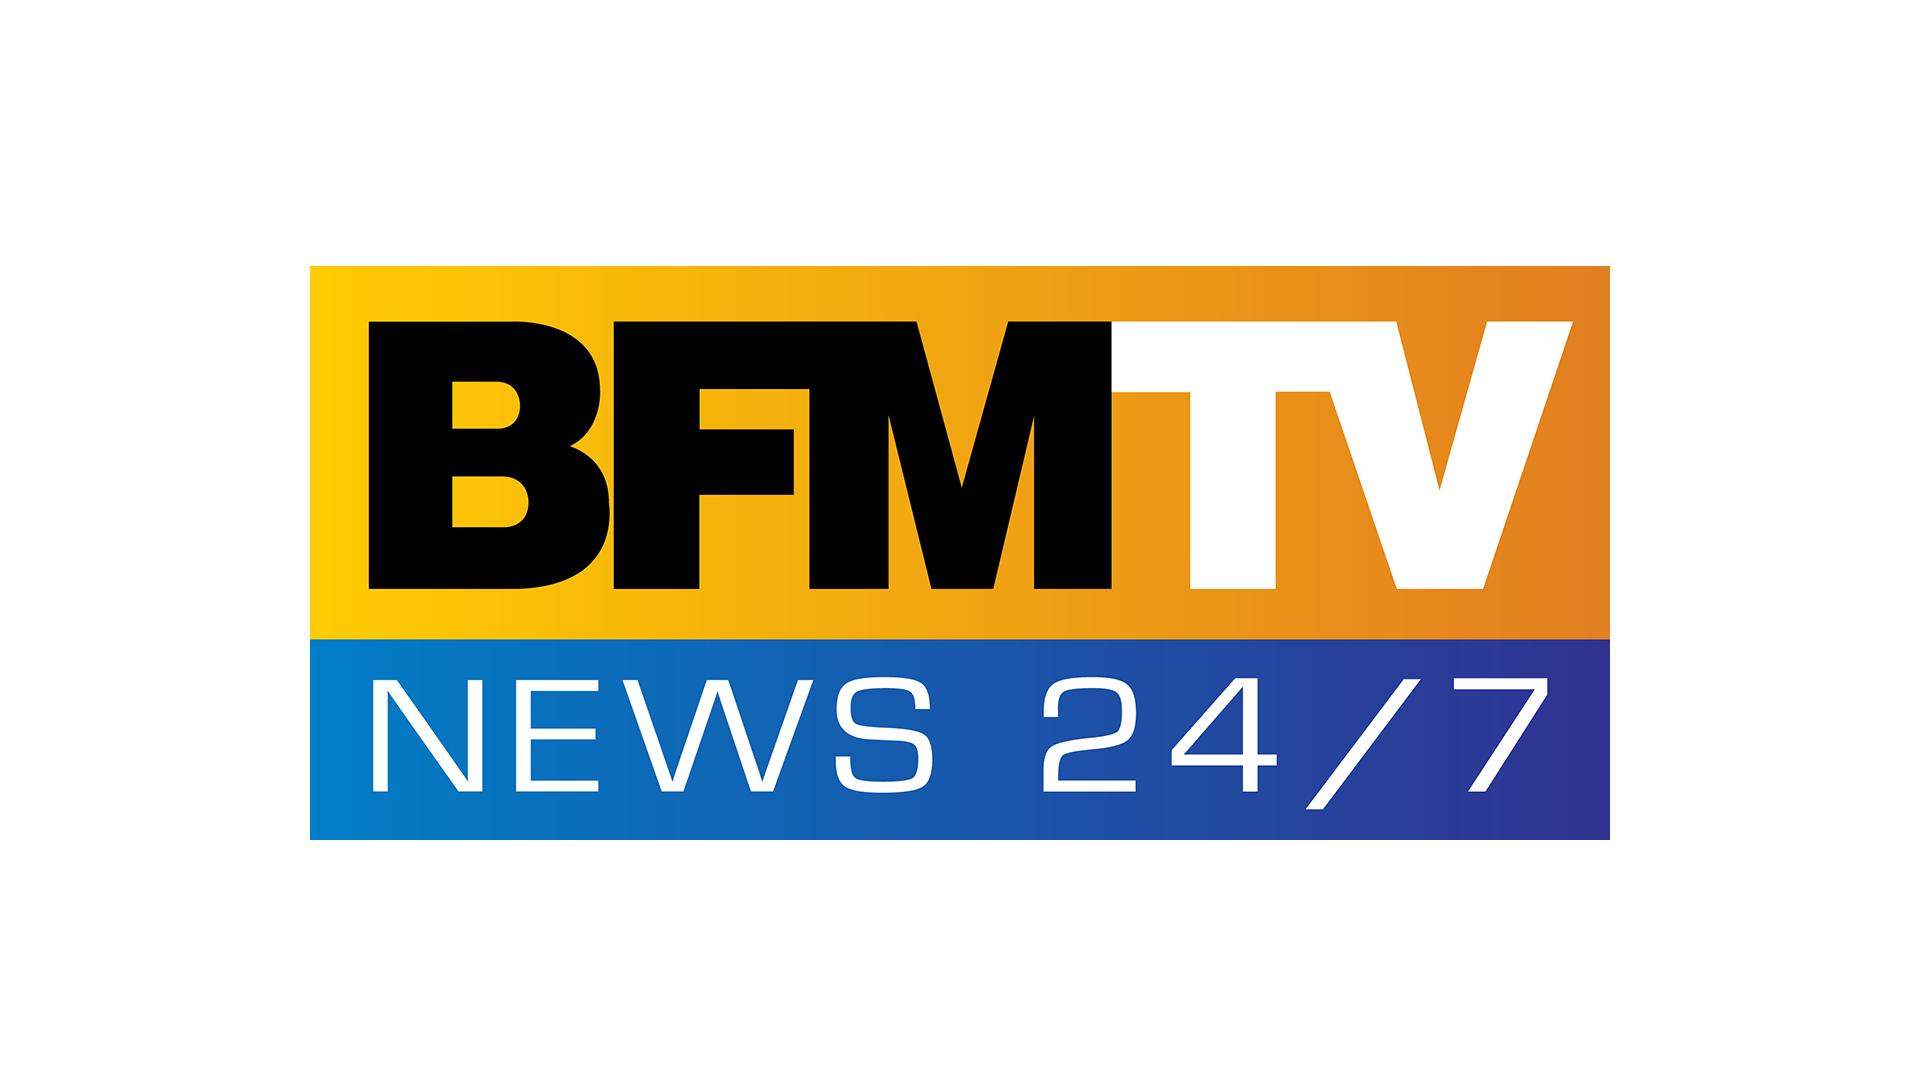 BFM TV logo magiccien